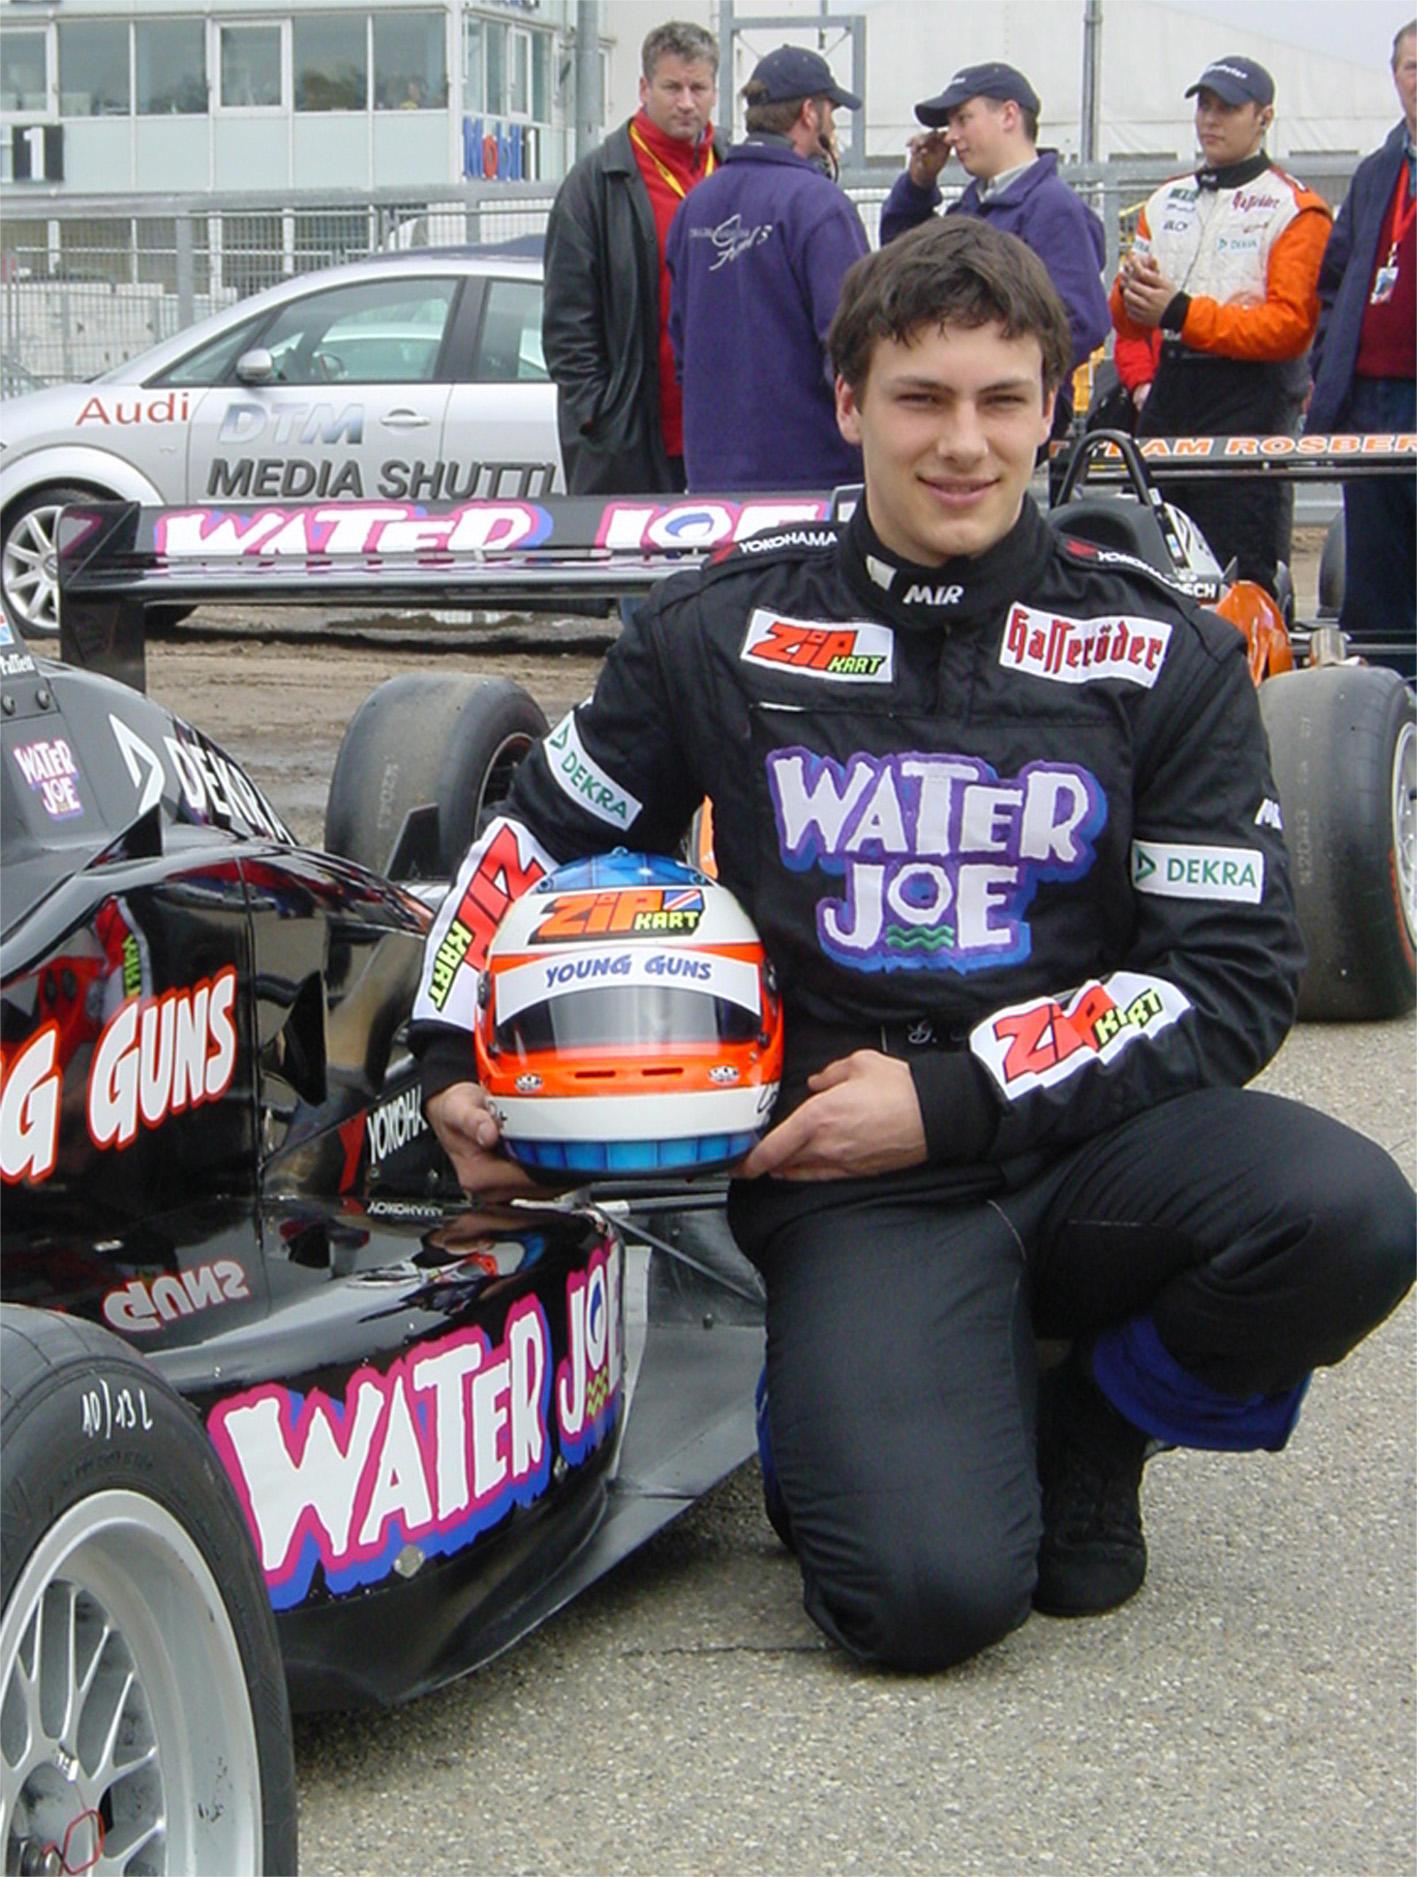 """Bild zu OTS - Nachdem """"Water Joe"""" Anfang dieses Jahres von Deutschlands Discotheken zum erfolgreichsten Soft Drink gewählt worden ist (siehe www.waterjoe.de )  wurde mit dem Team Rosberg nun der Schritt in den Motorsport gewagt."""